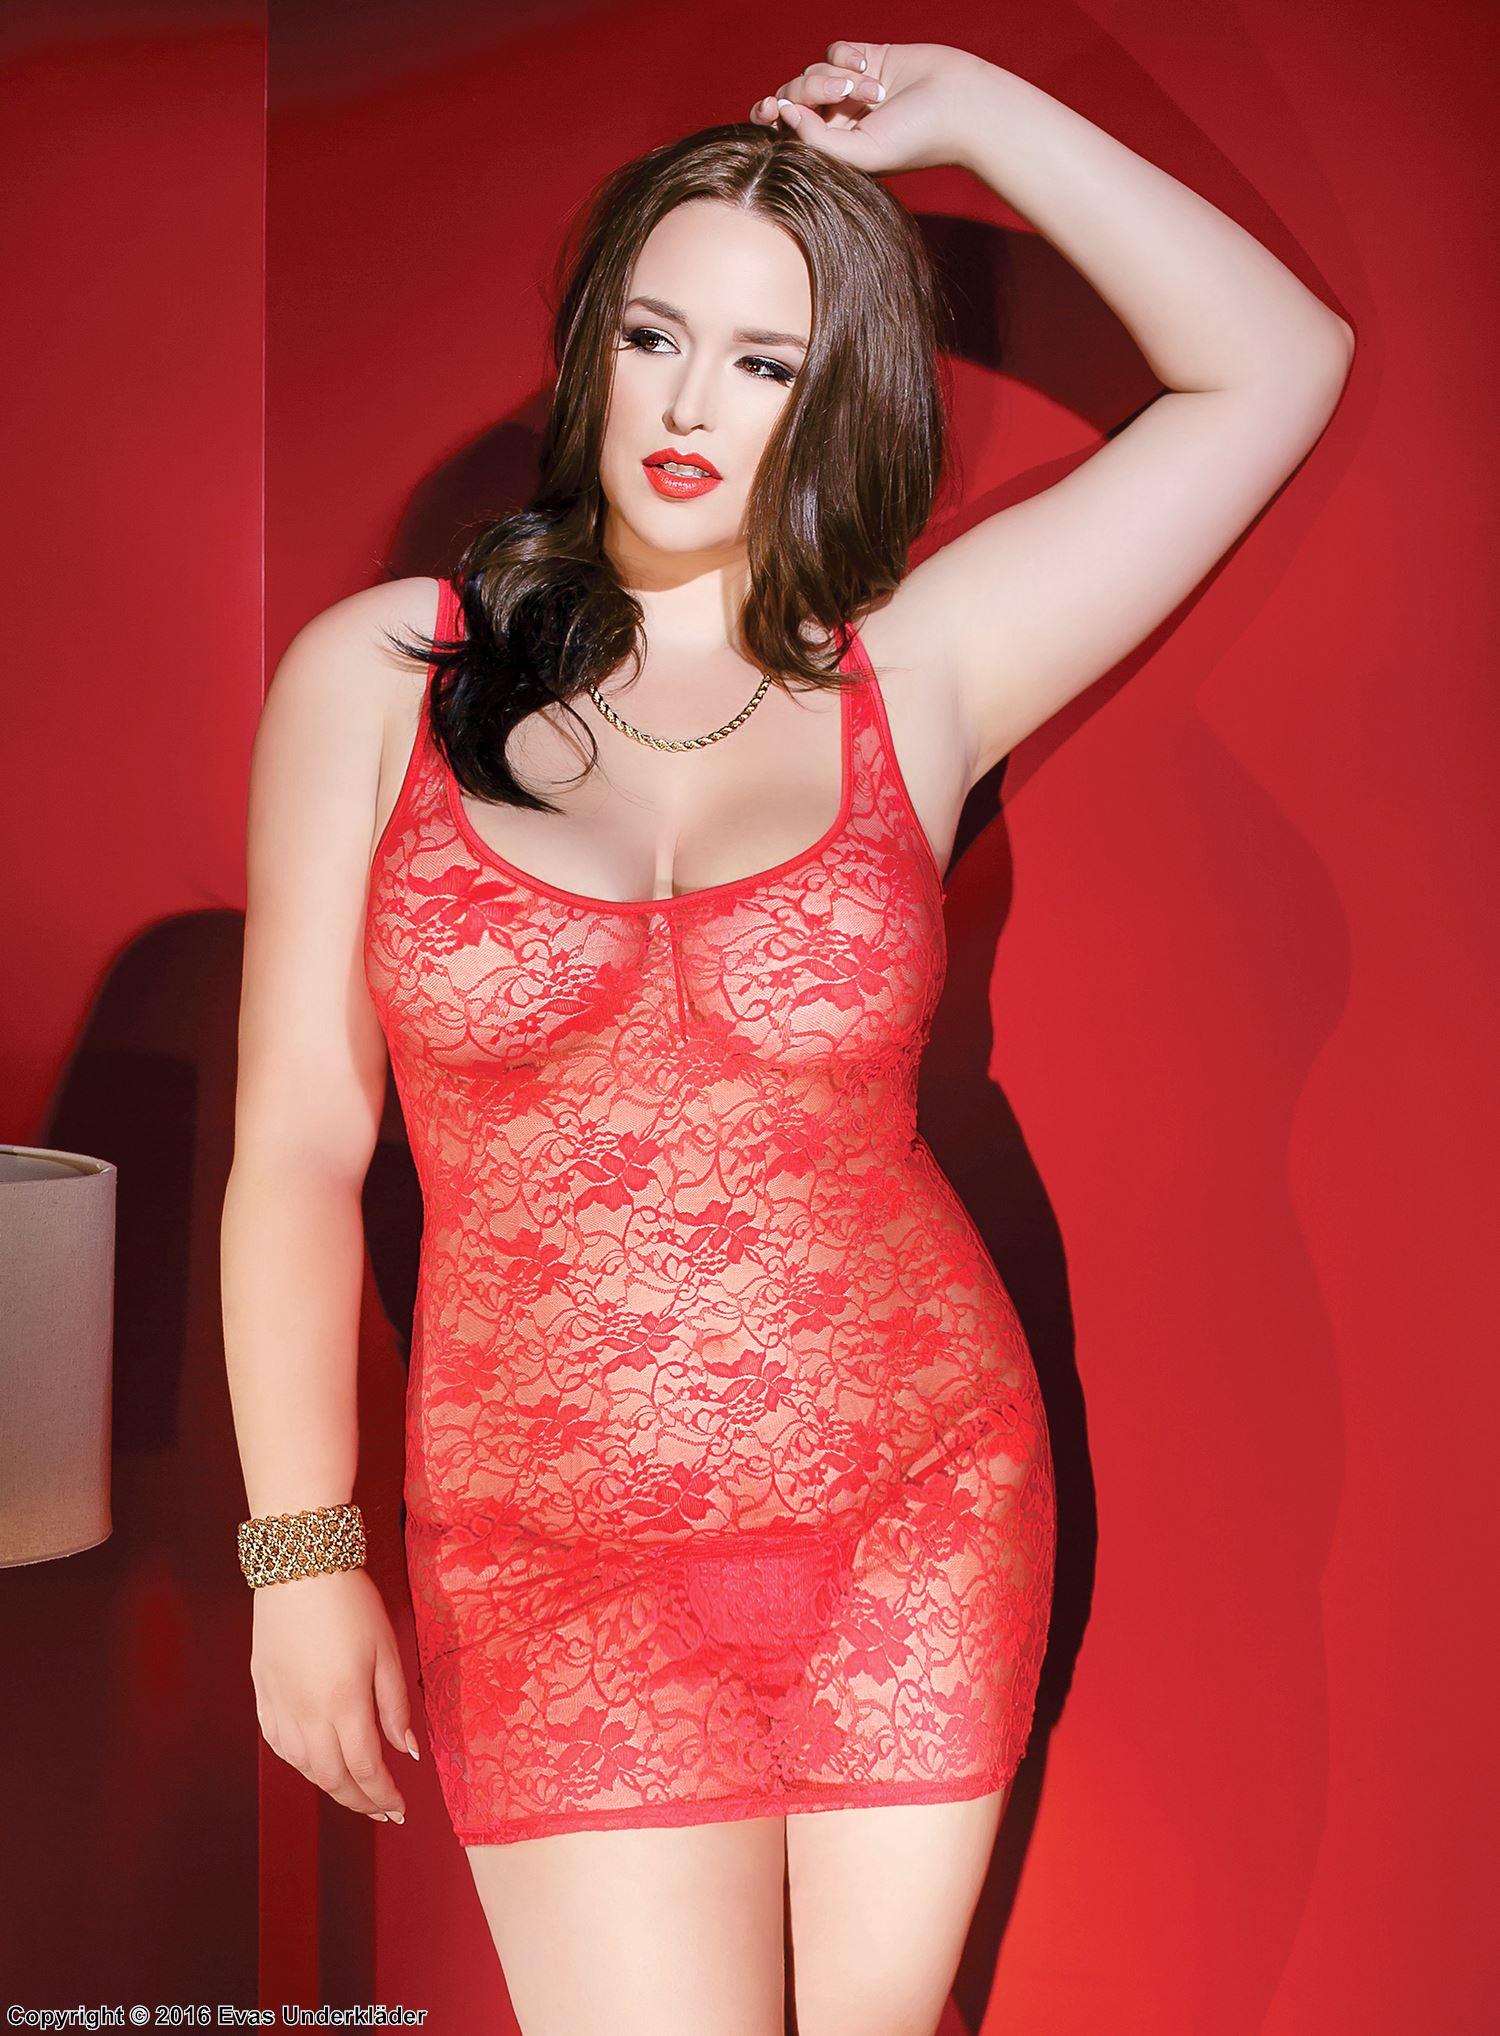 underkläder för stora kvinnor sex tjejer escort